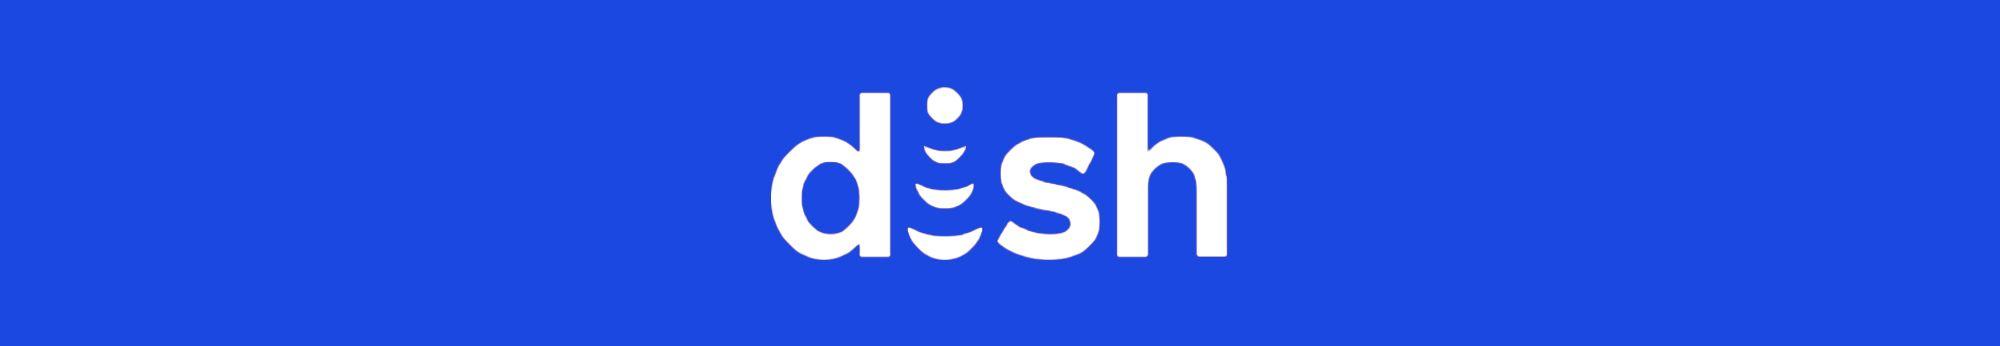 NewAffiliateButtons_Dish